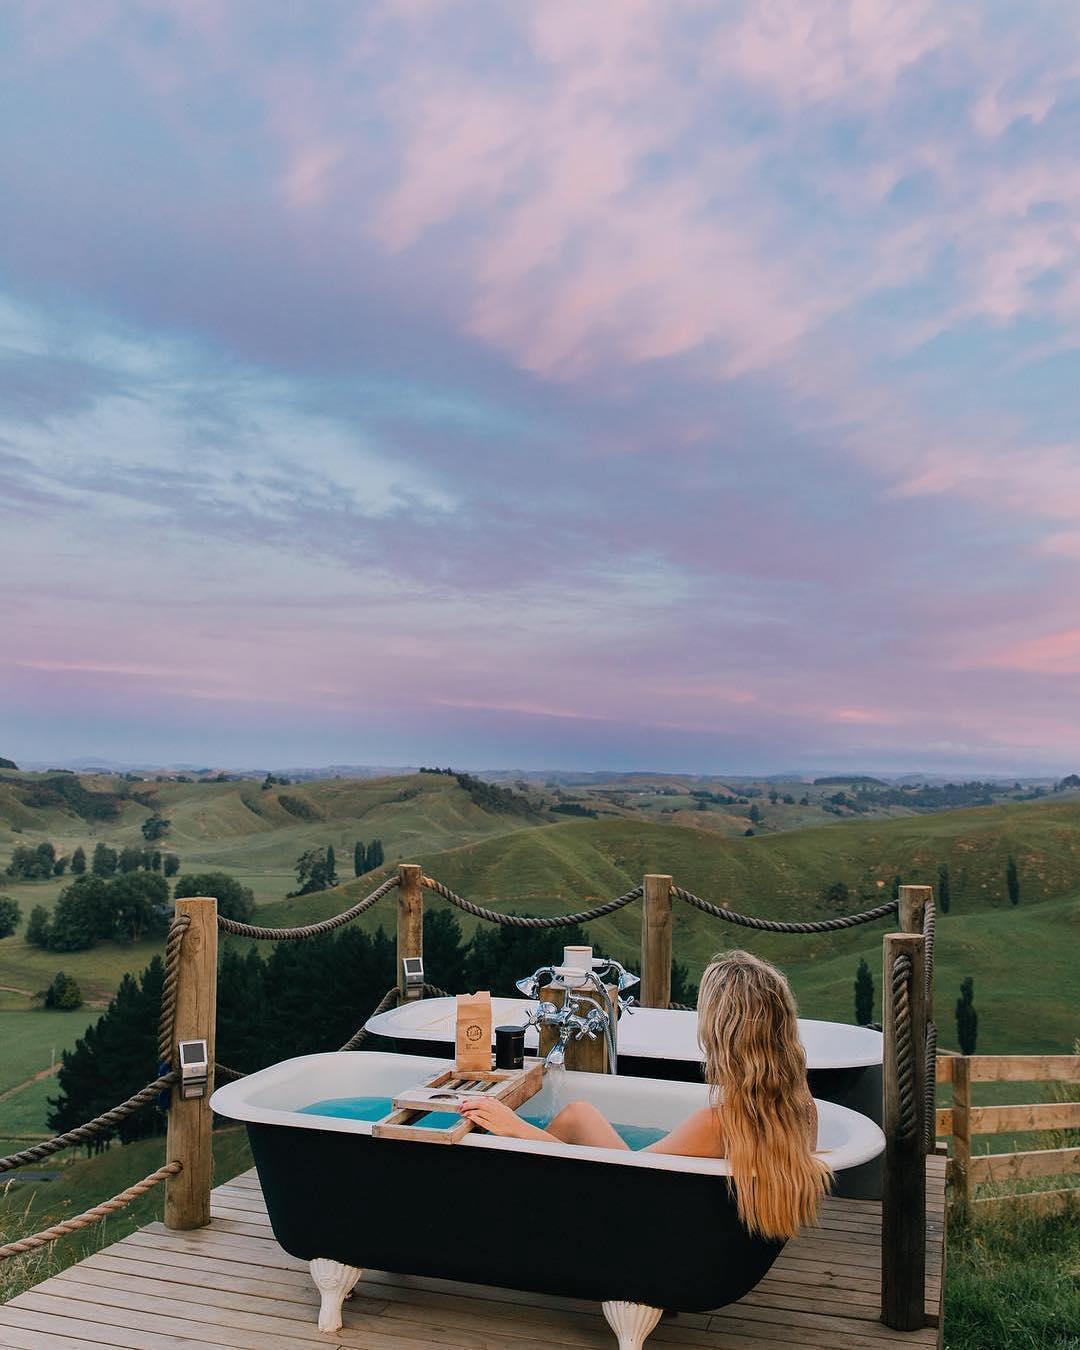 浪漫的野外露营 帐篷酒店怀托摩山顶露营